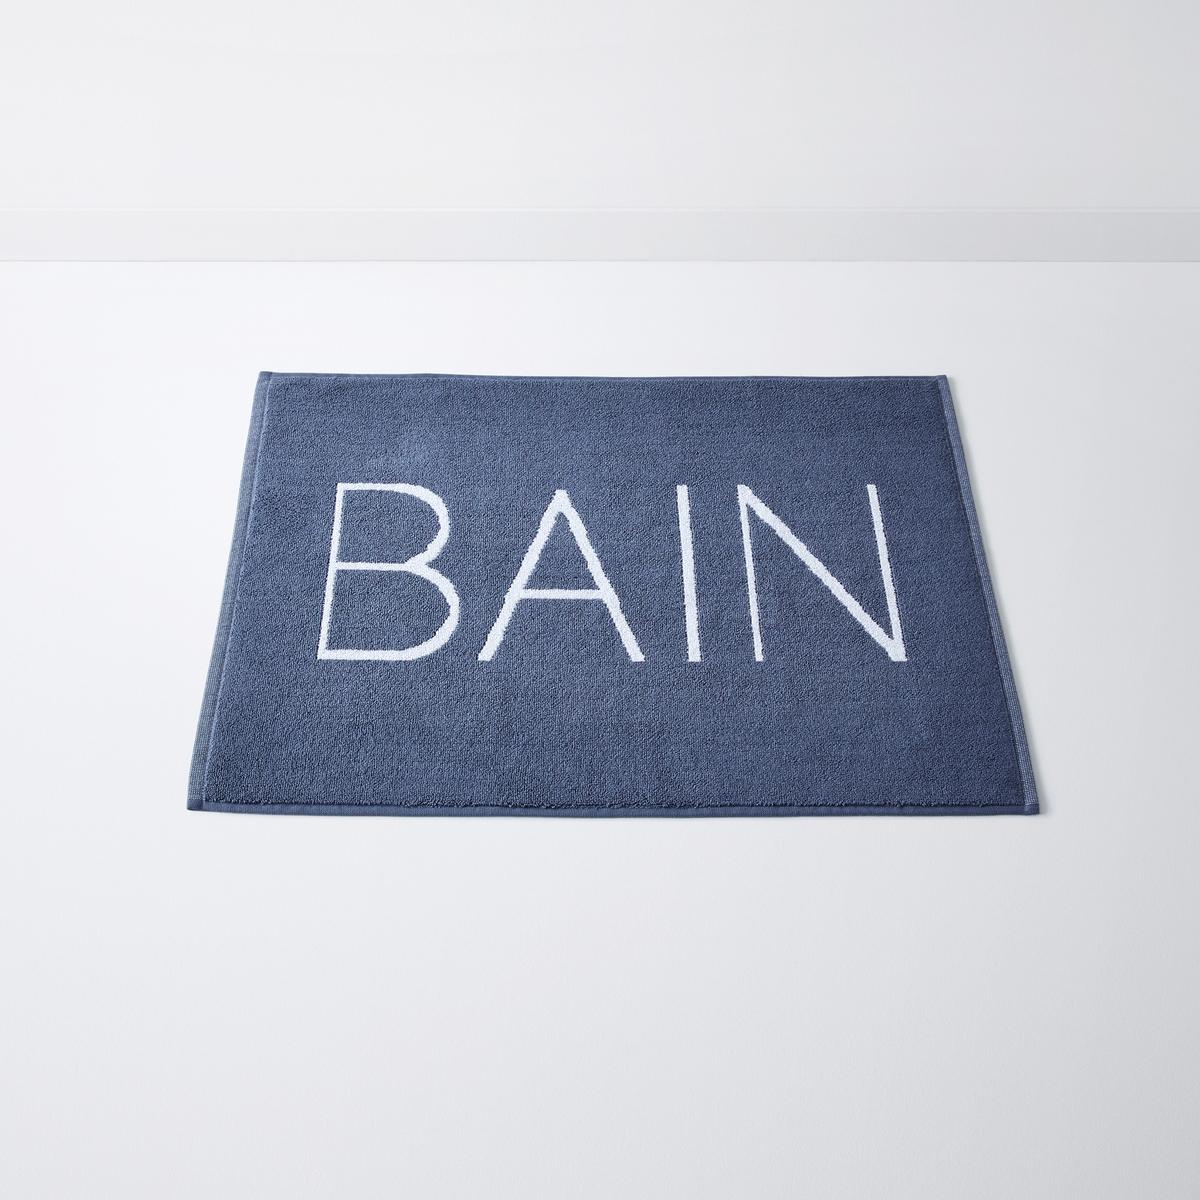 Коврик для ванной с надписью BAIN, Vasca от La Redoute